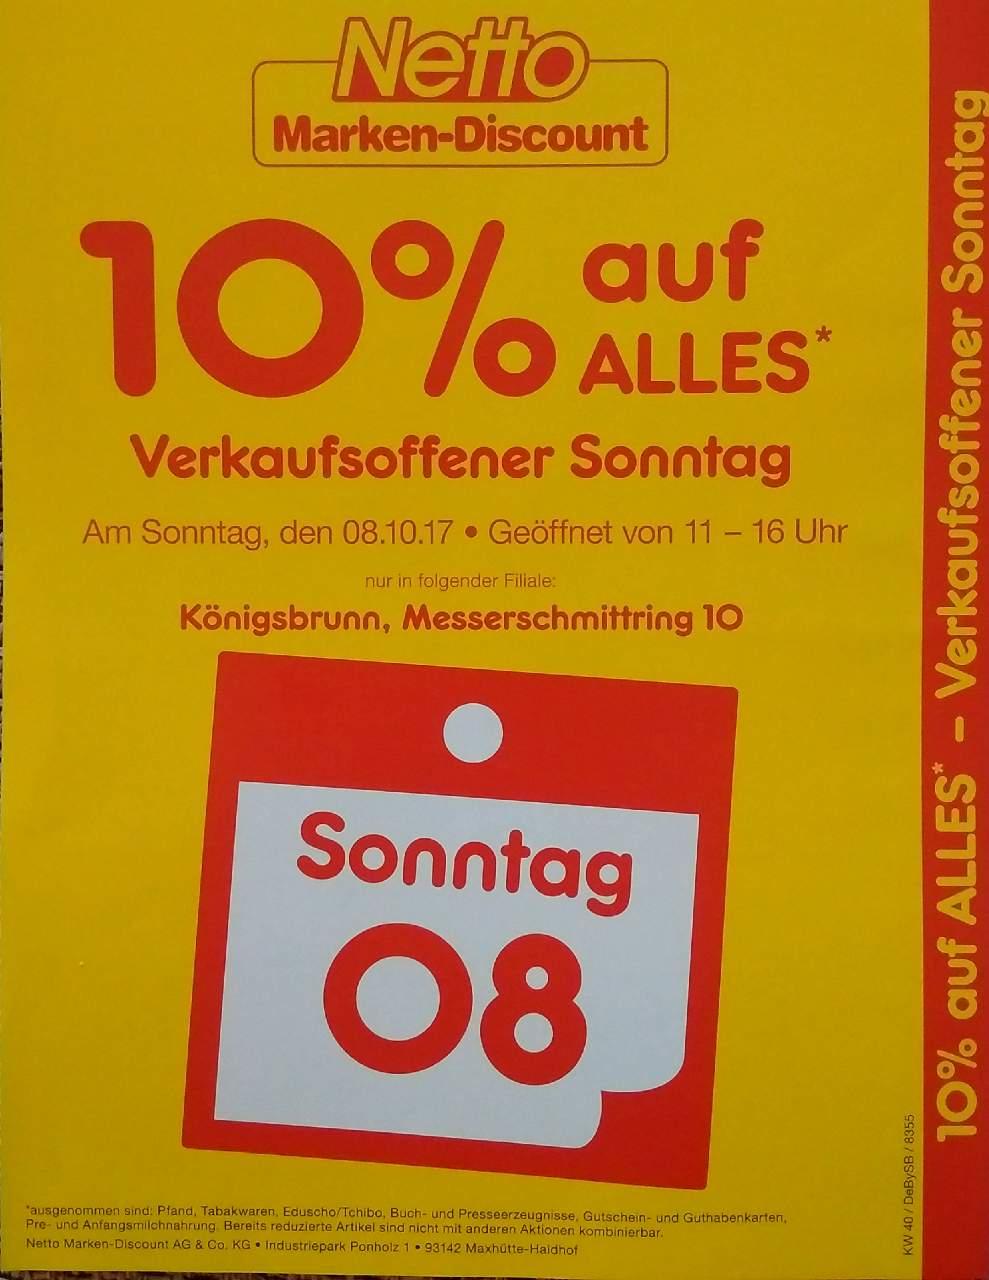 Netto Marken-Discount Königsbrunn: 10% Rabatt auf fast alles